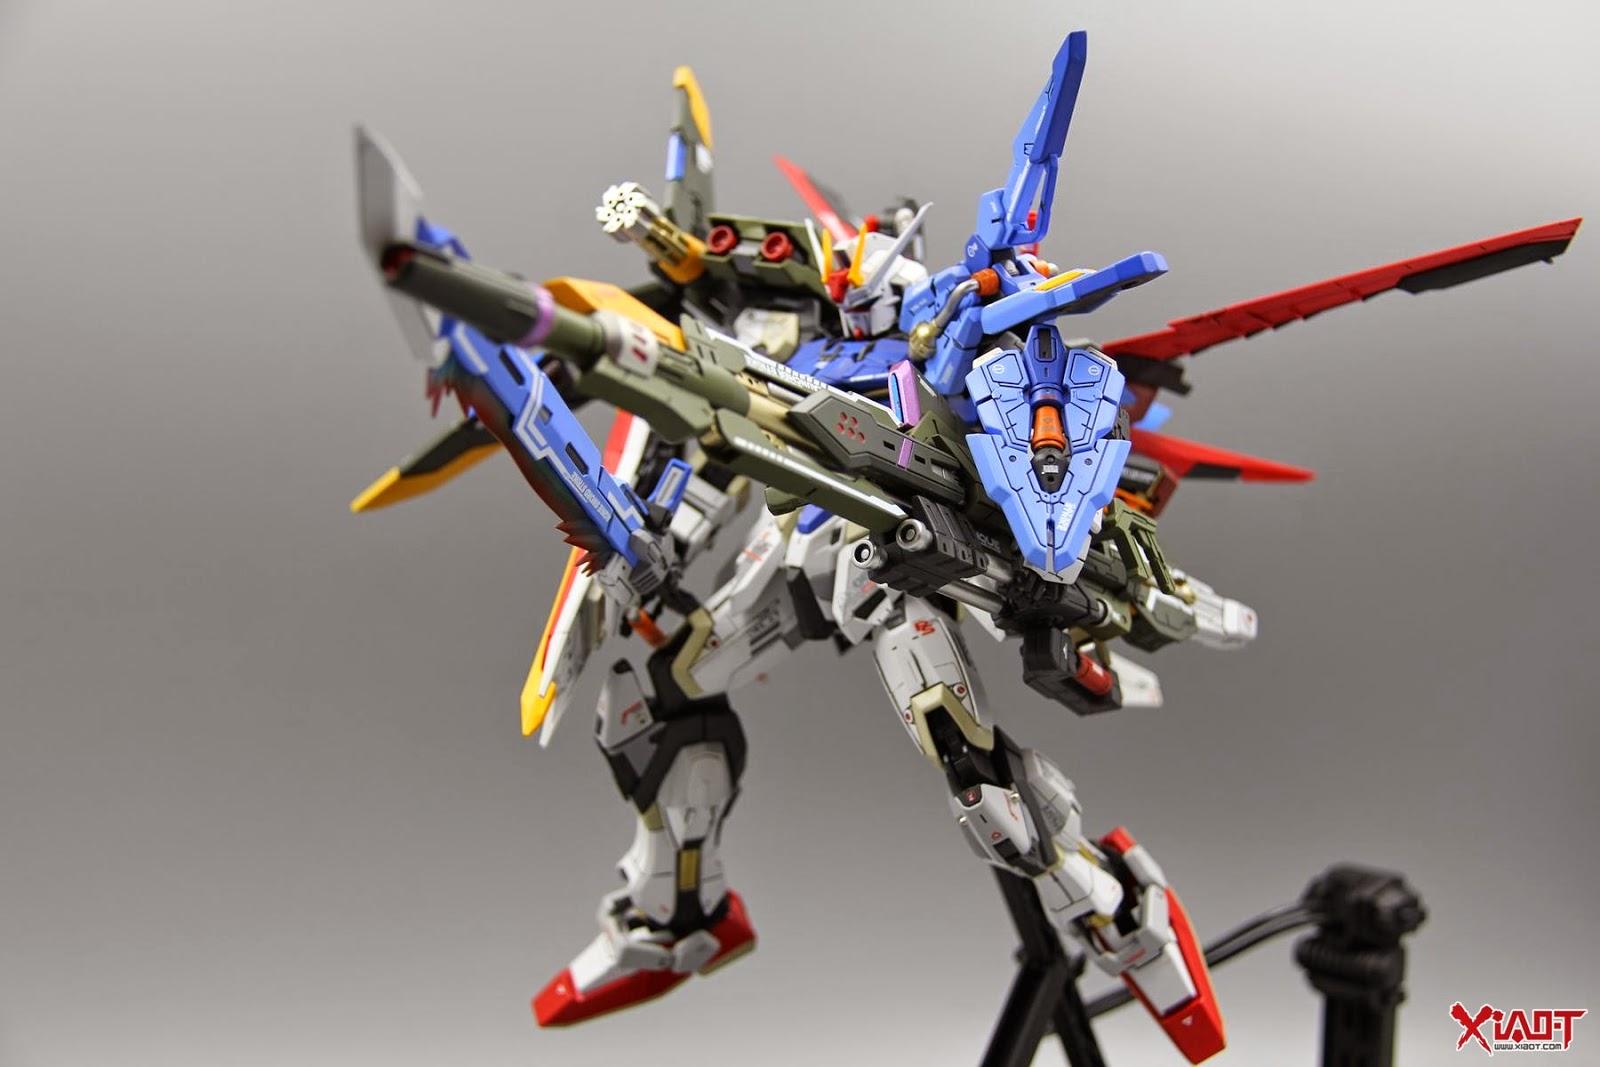 Custom Build Bandai Dm 1 100 Perfect Strike Gundam